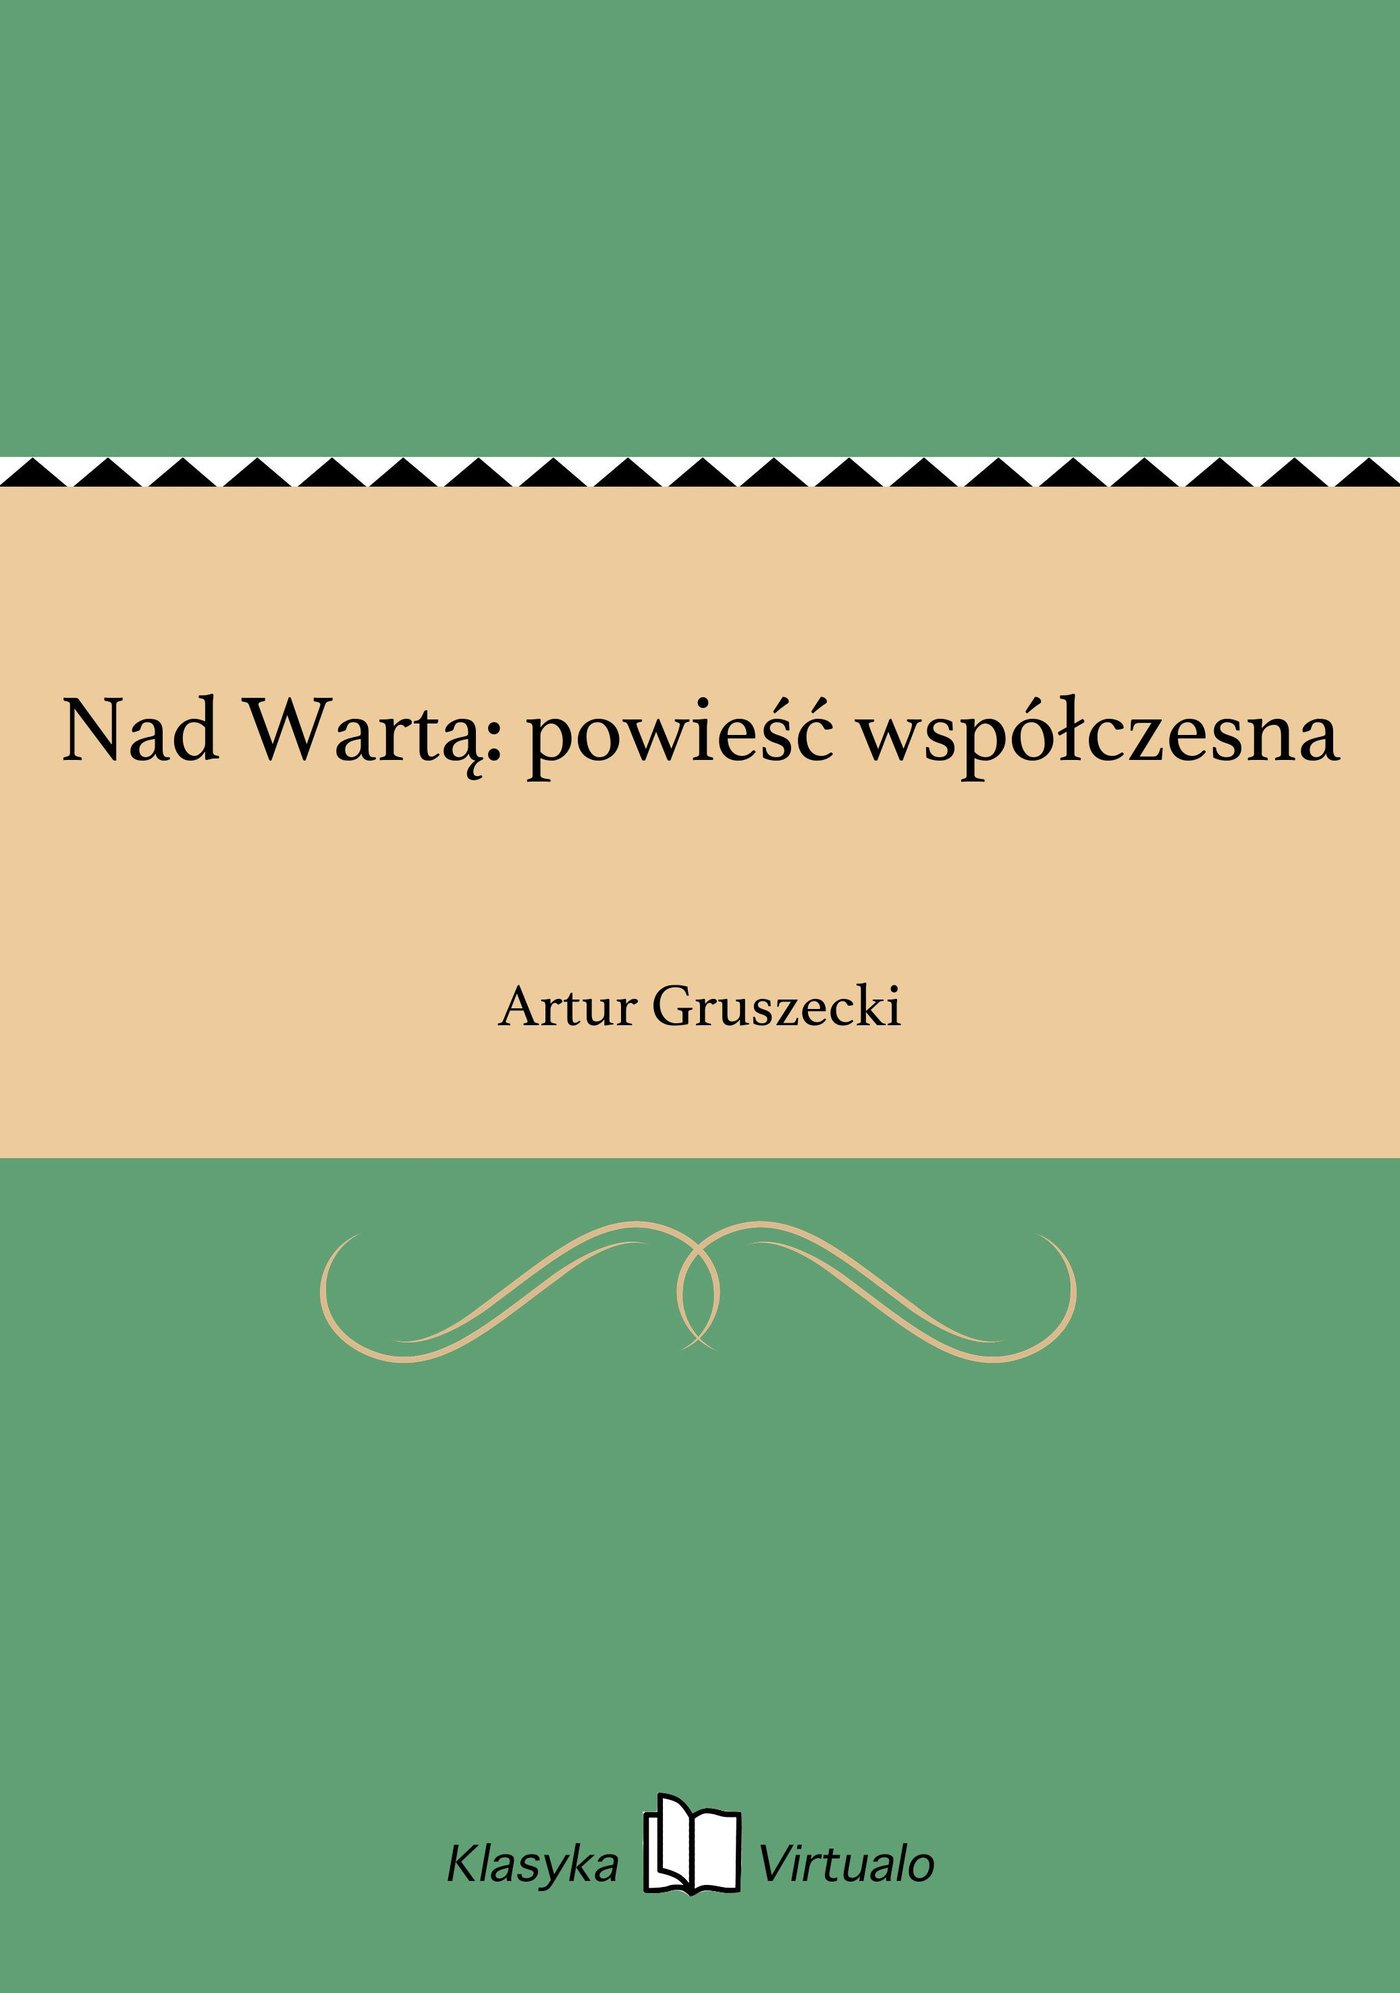 Nad Wartą: powieść współczesna - Ebook (Książka EPUB) do pobrania w formacie EPUB